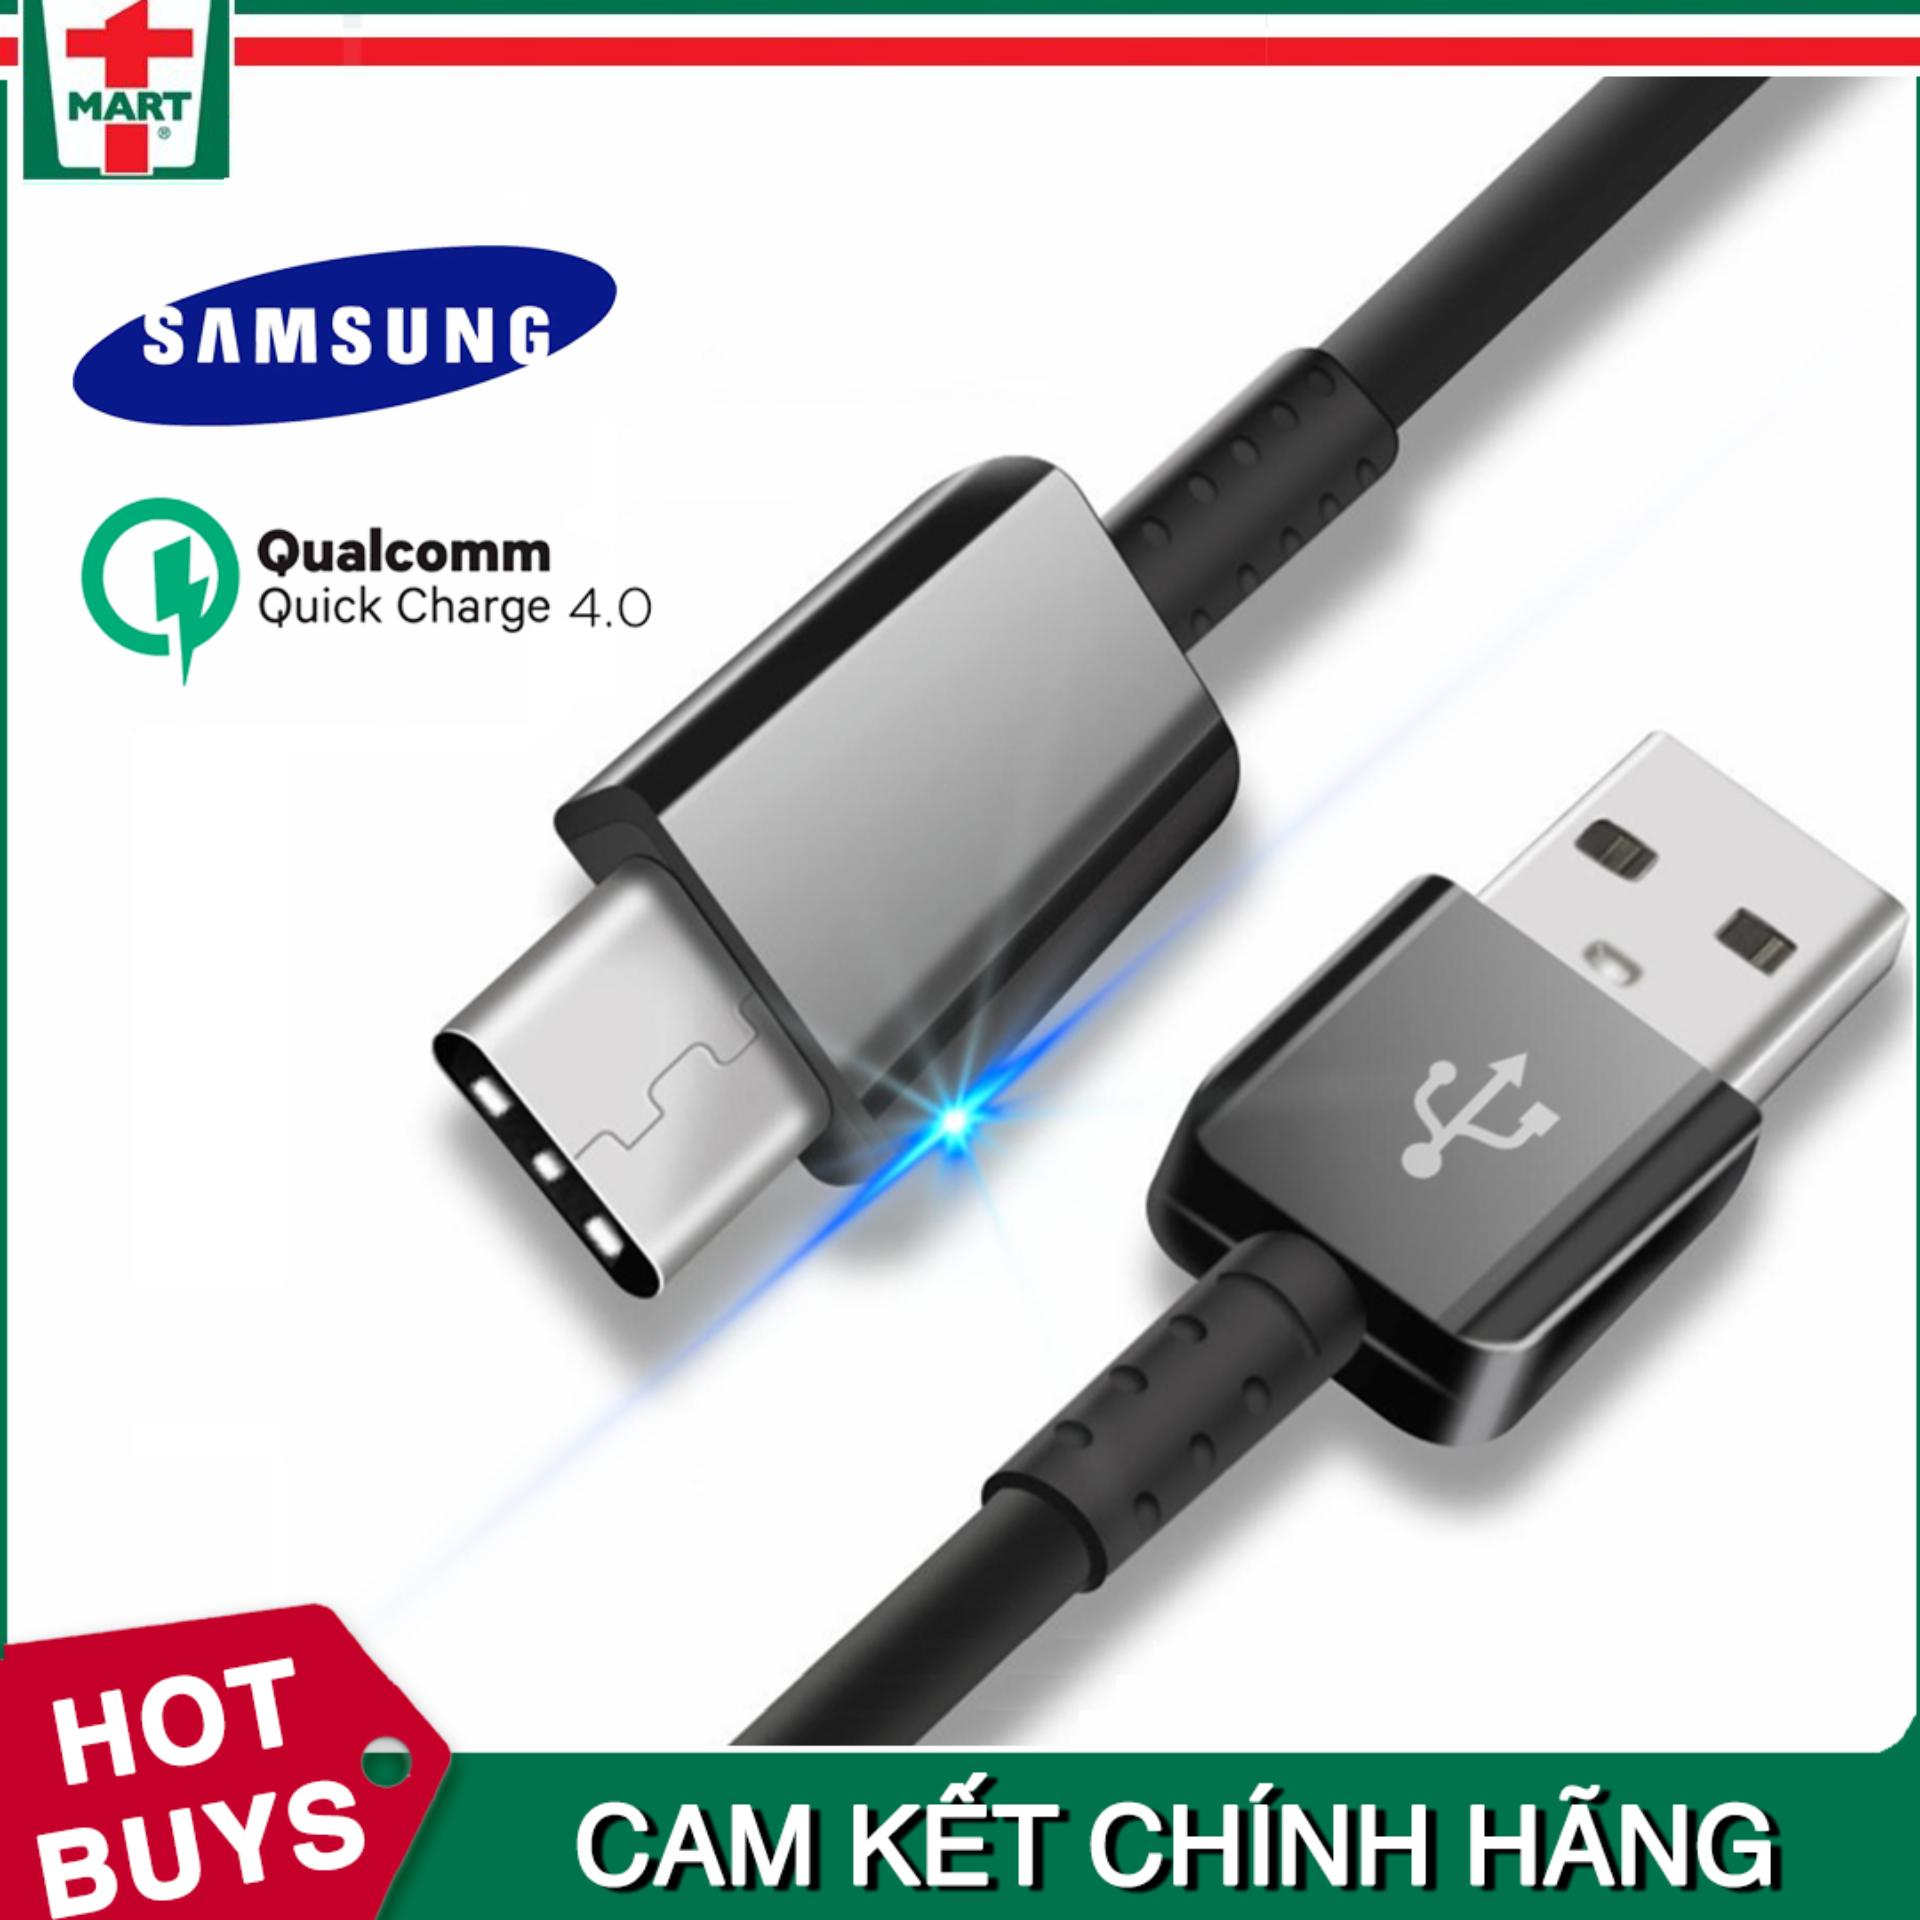 Mua [DÀI 2M] Dây sạc USB Type C hỗ trợ sạc nhanh Qualcomm Quick Charge cho Samsung Galaxy Note 8/ S8/ S8 Plus 9/ 9 Plus và các máy có cổng Type-C – Hàng Samsung Việt Nam ở đâu tốt?